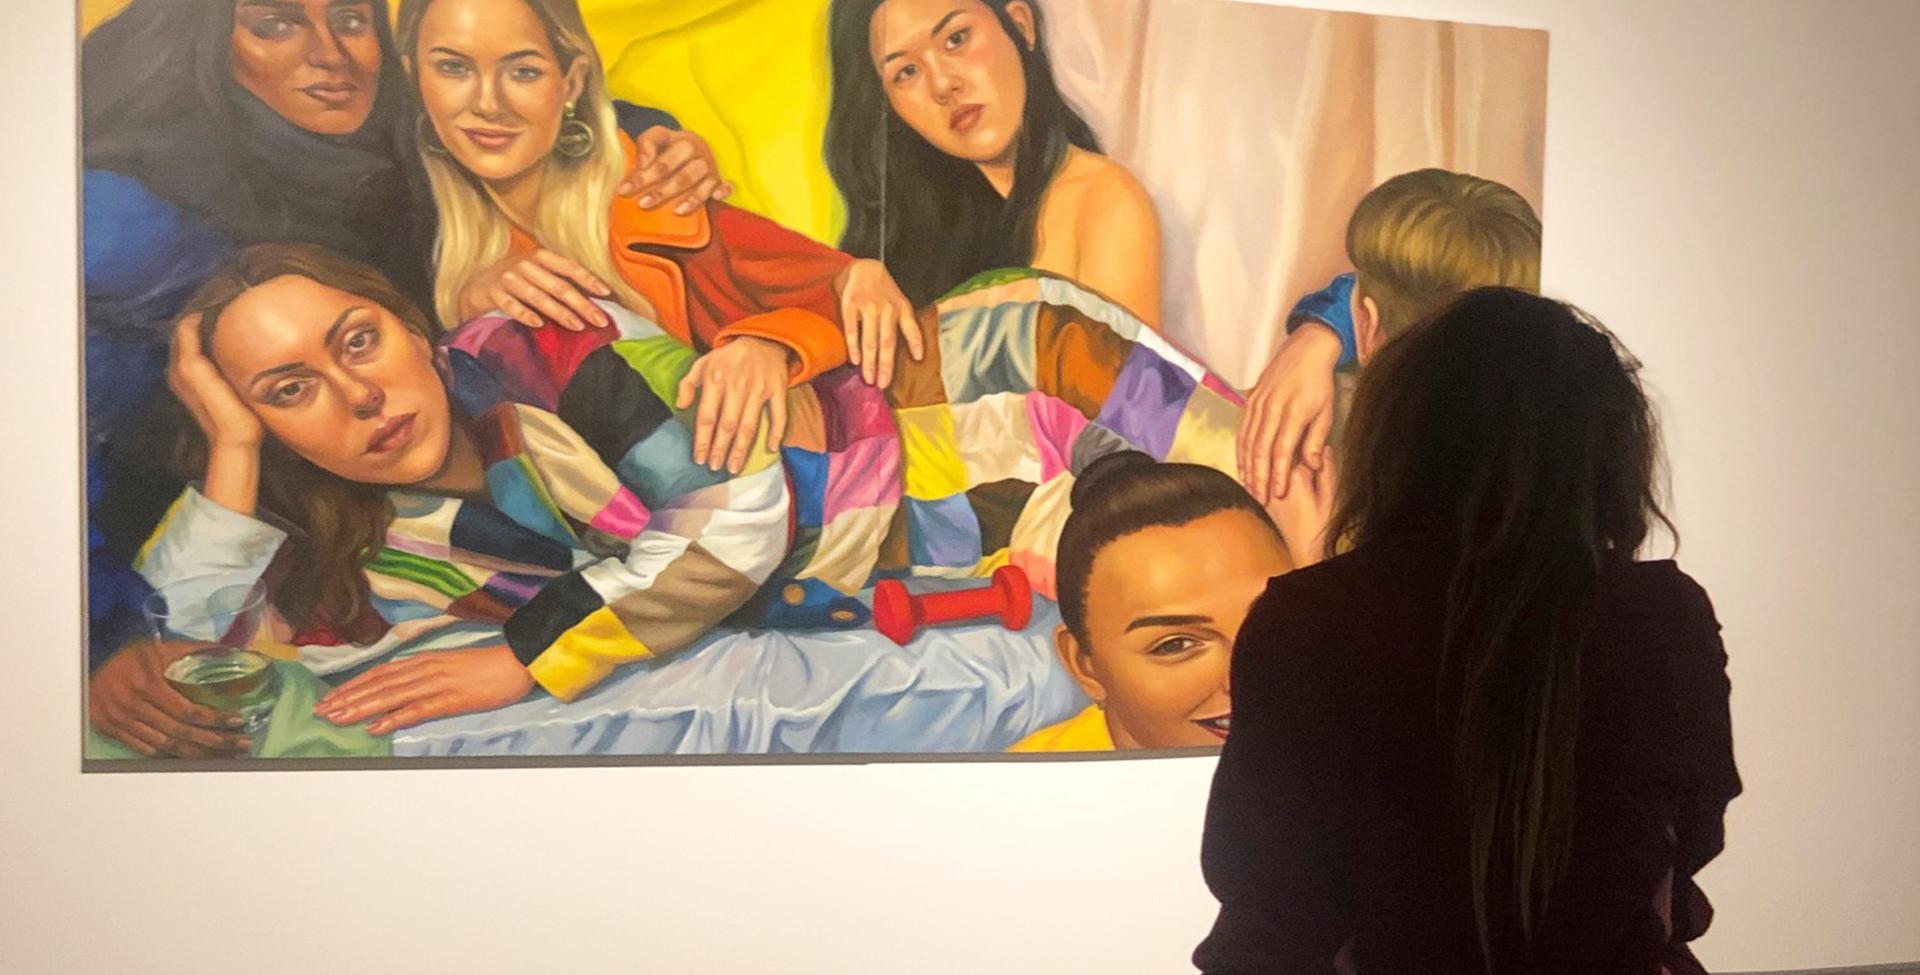 Diana i udstillingen på HEART